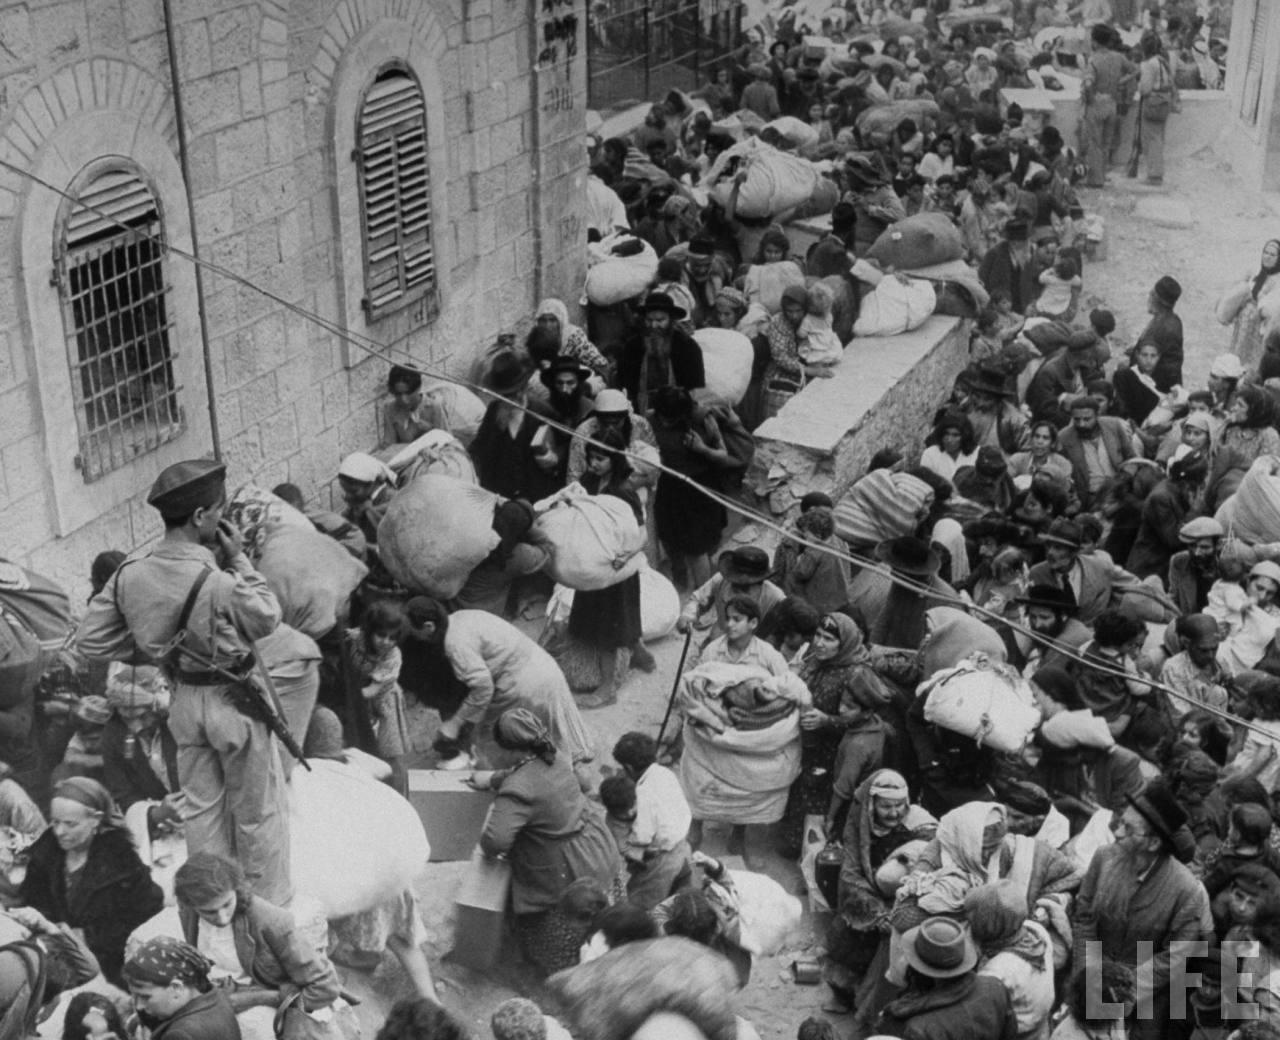 Евреи, пытающиеся покинуть часть города, сдаются арабским войскам. Иерусалим, июнь